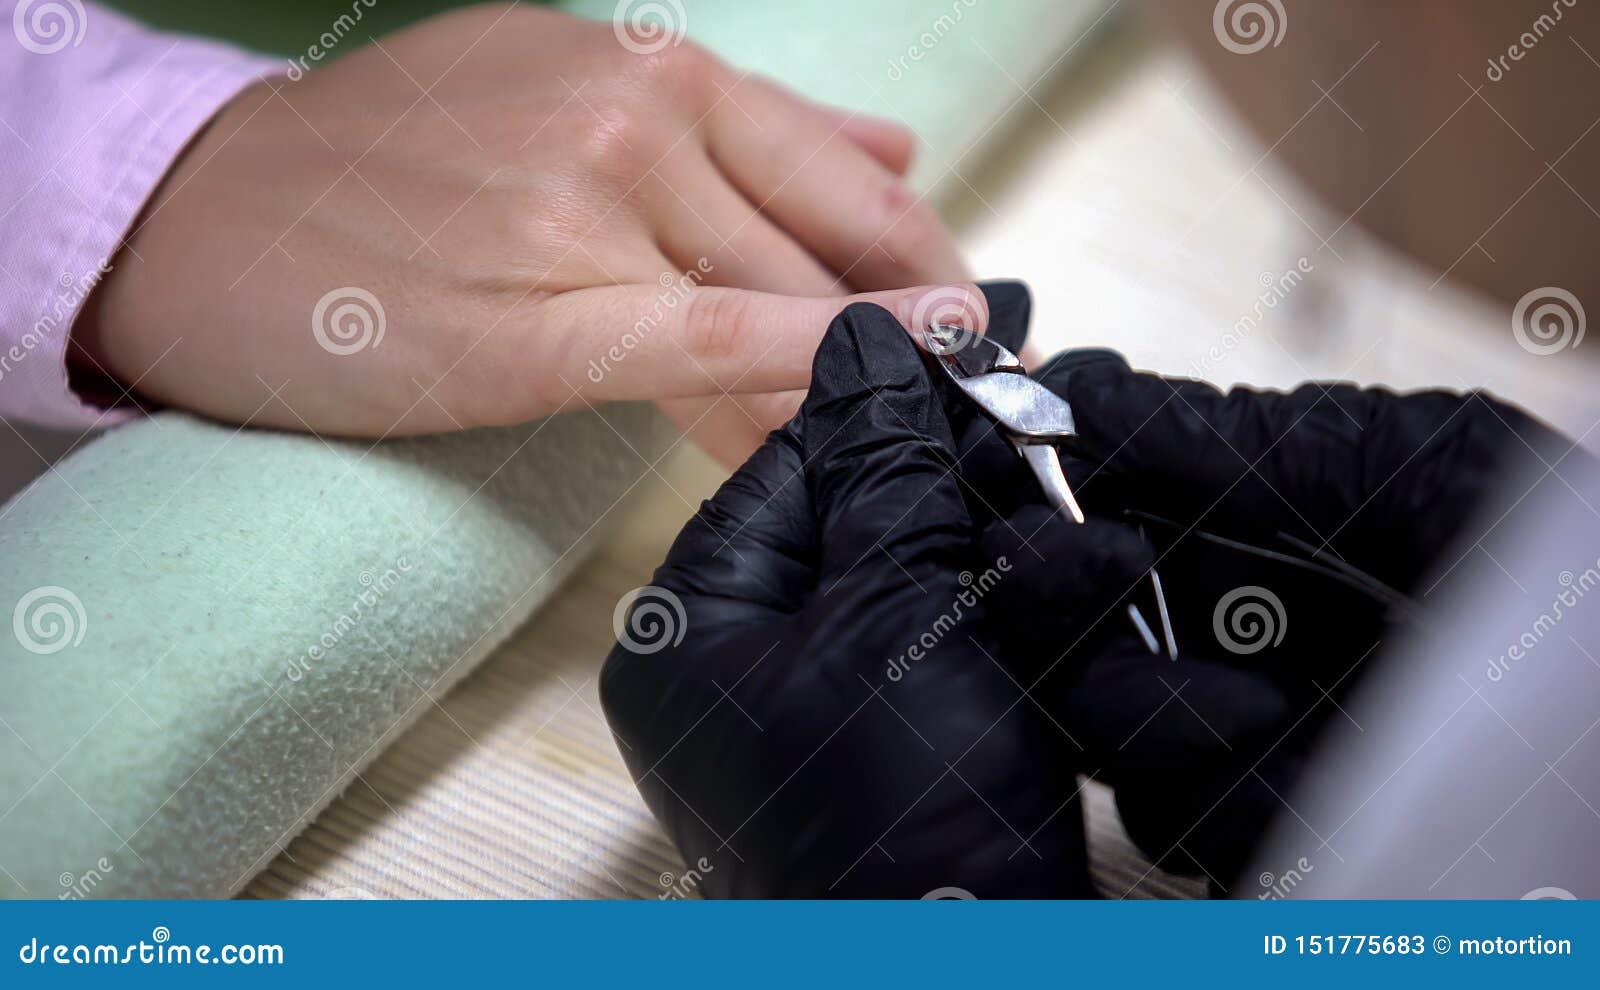 Spijkermeester die in handschoenen opperhuid met tang, hygiëne in schoonheidssalon verwijderen